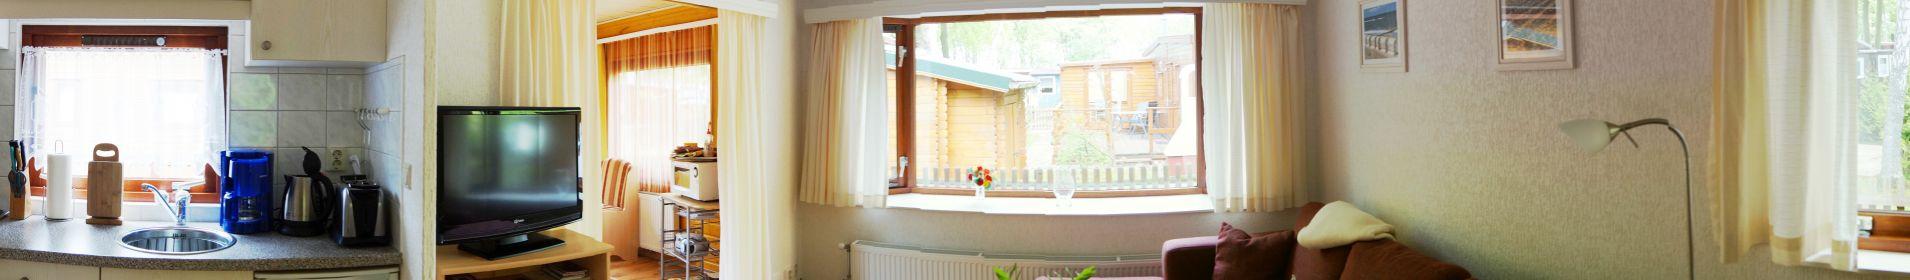 ferienhaus-strandidylle-panorama-1